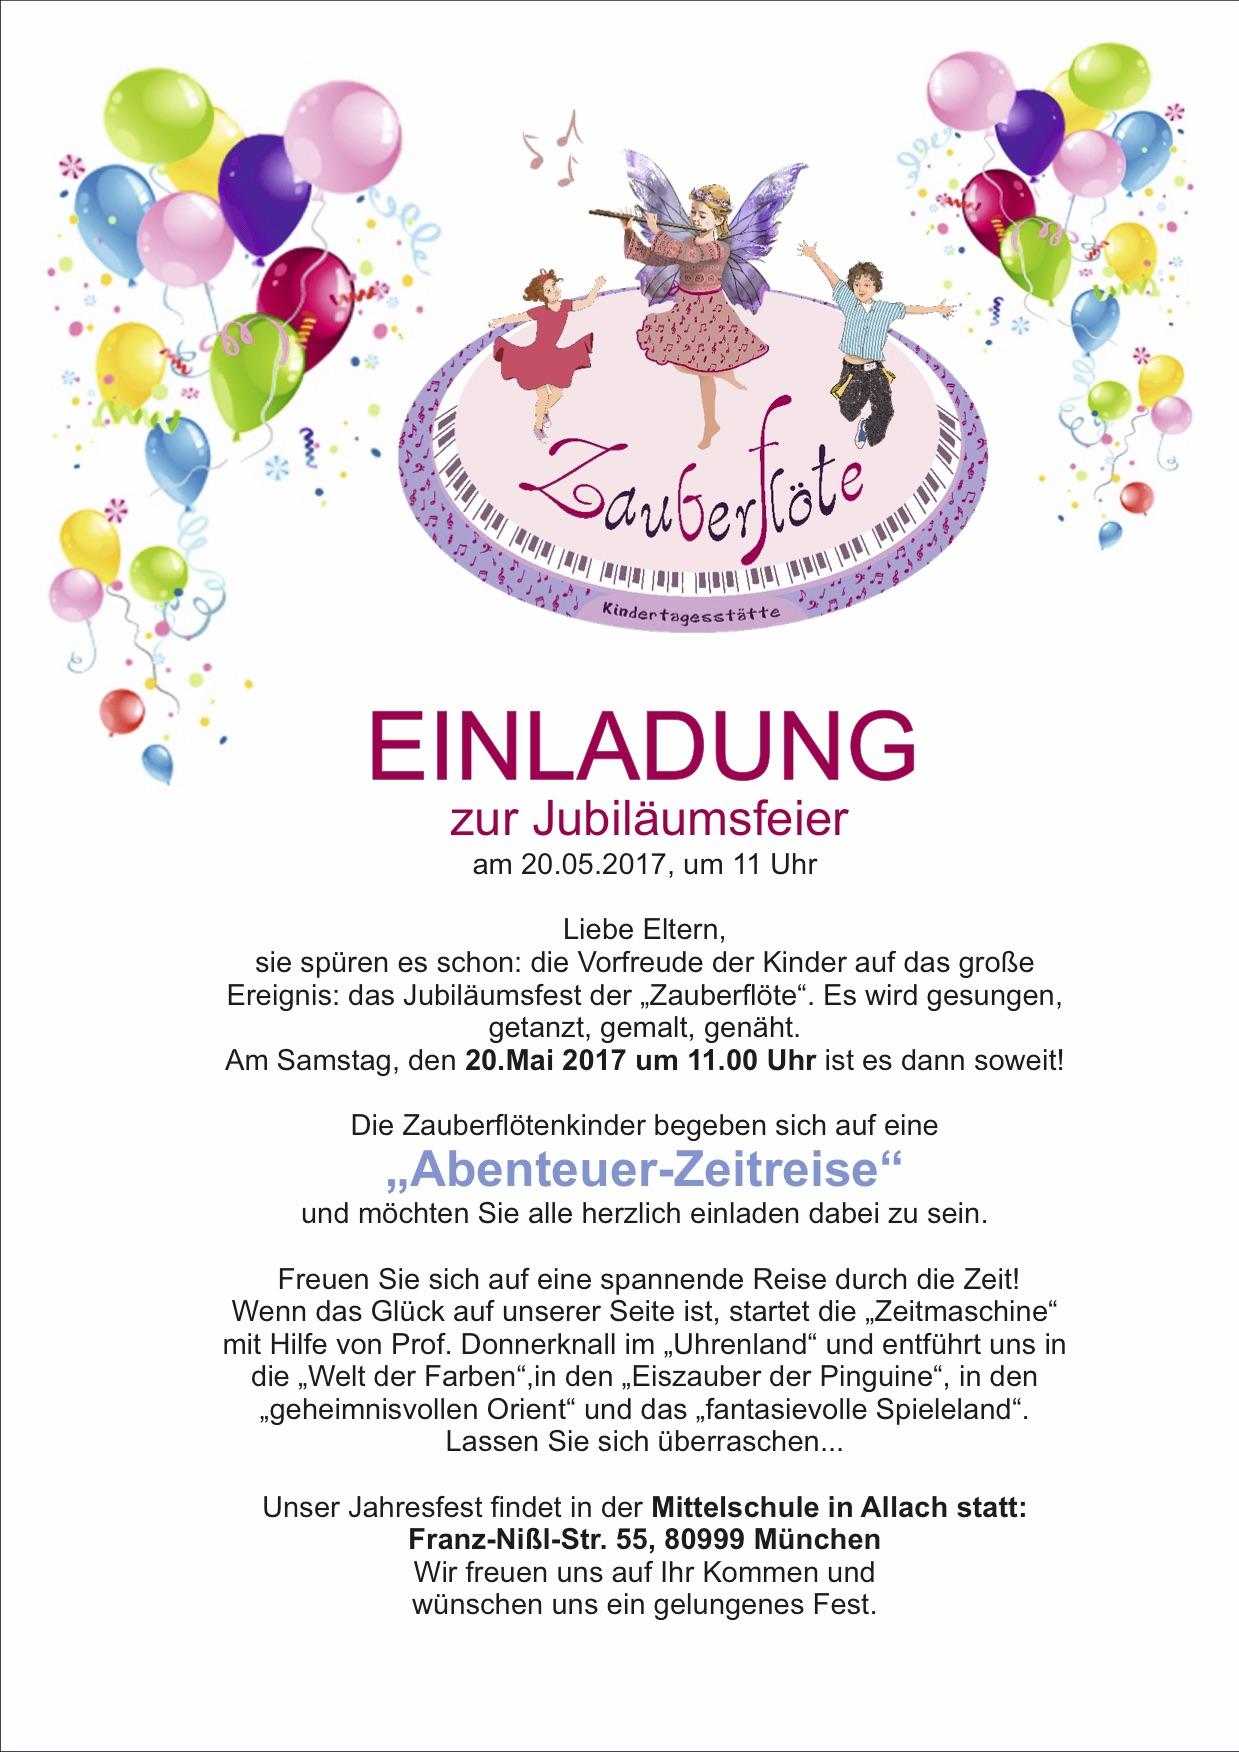 Einladung Jubiläum.jpg